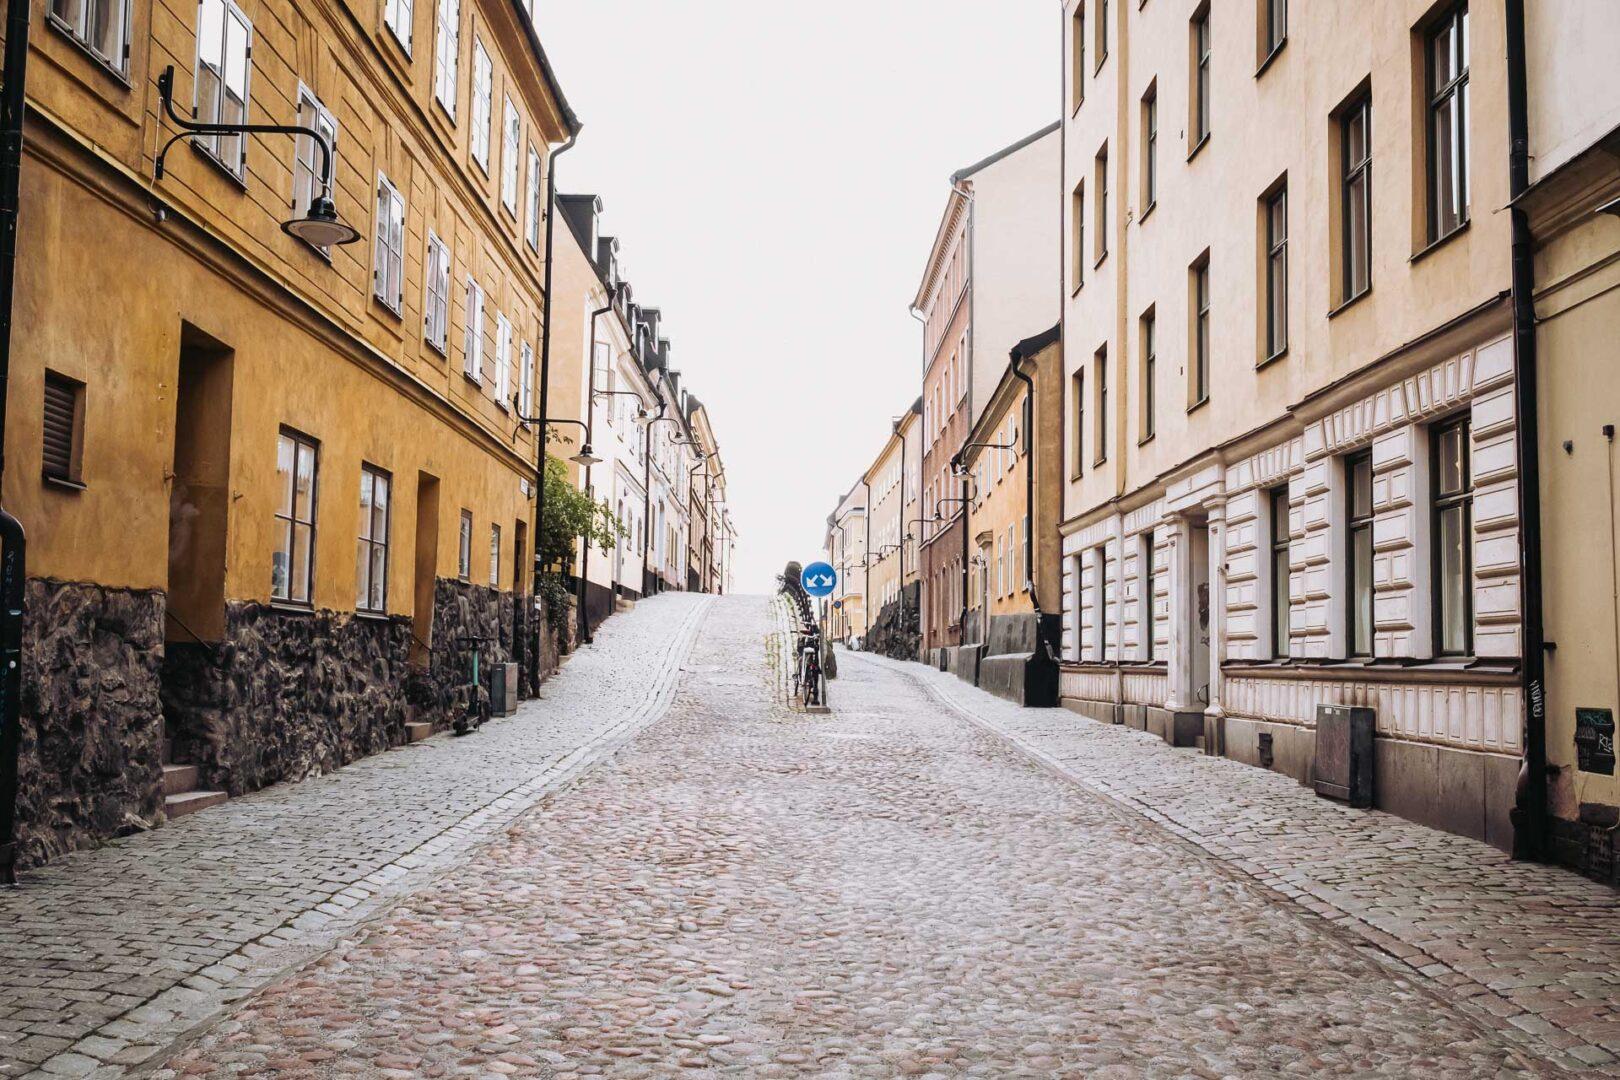 Instagramvänliga platser Stockholm, Söder, Brännkyrkagatan